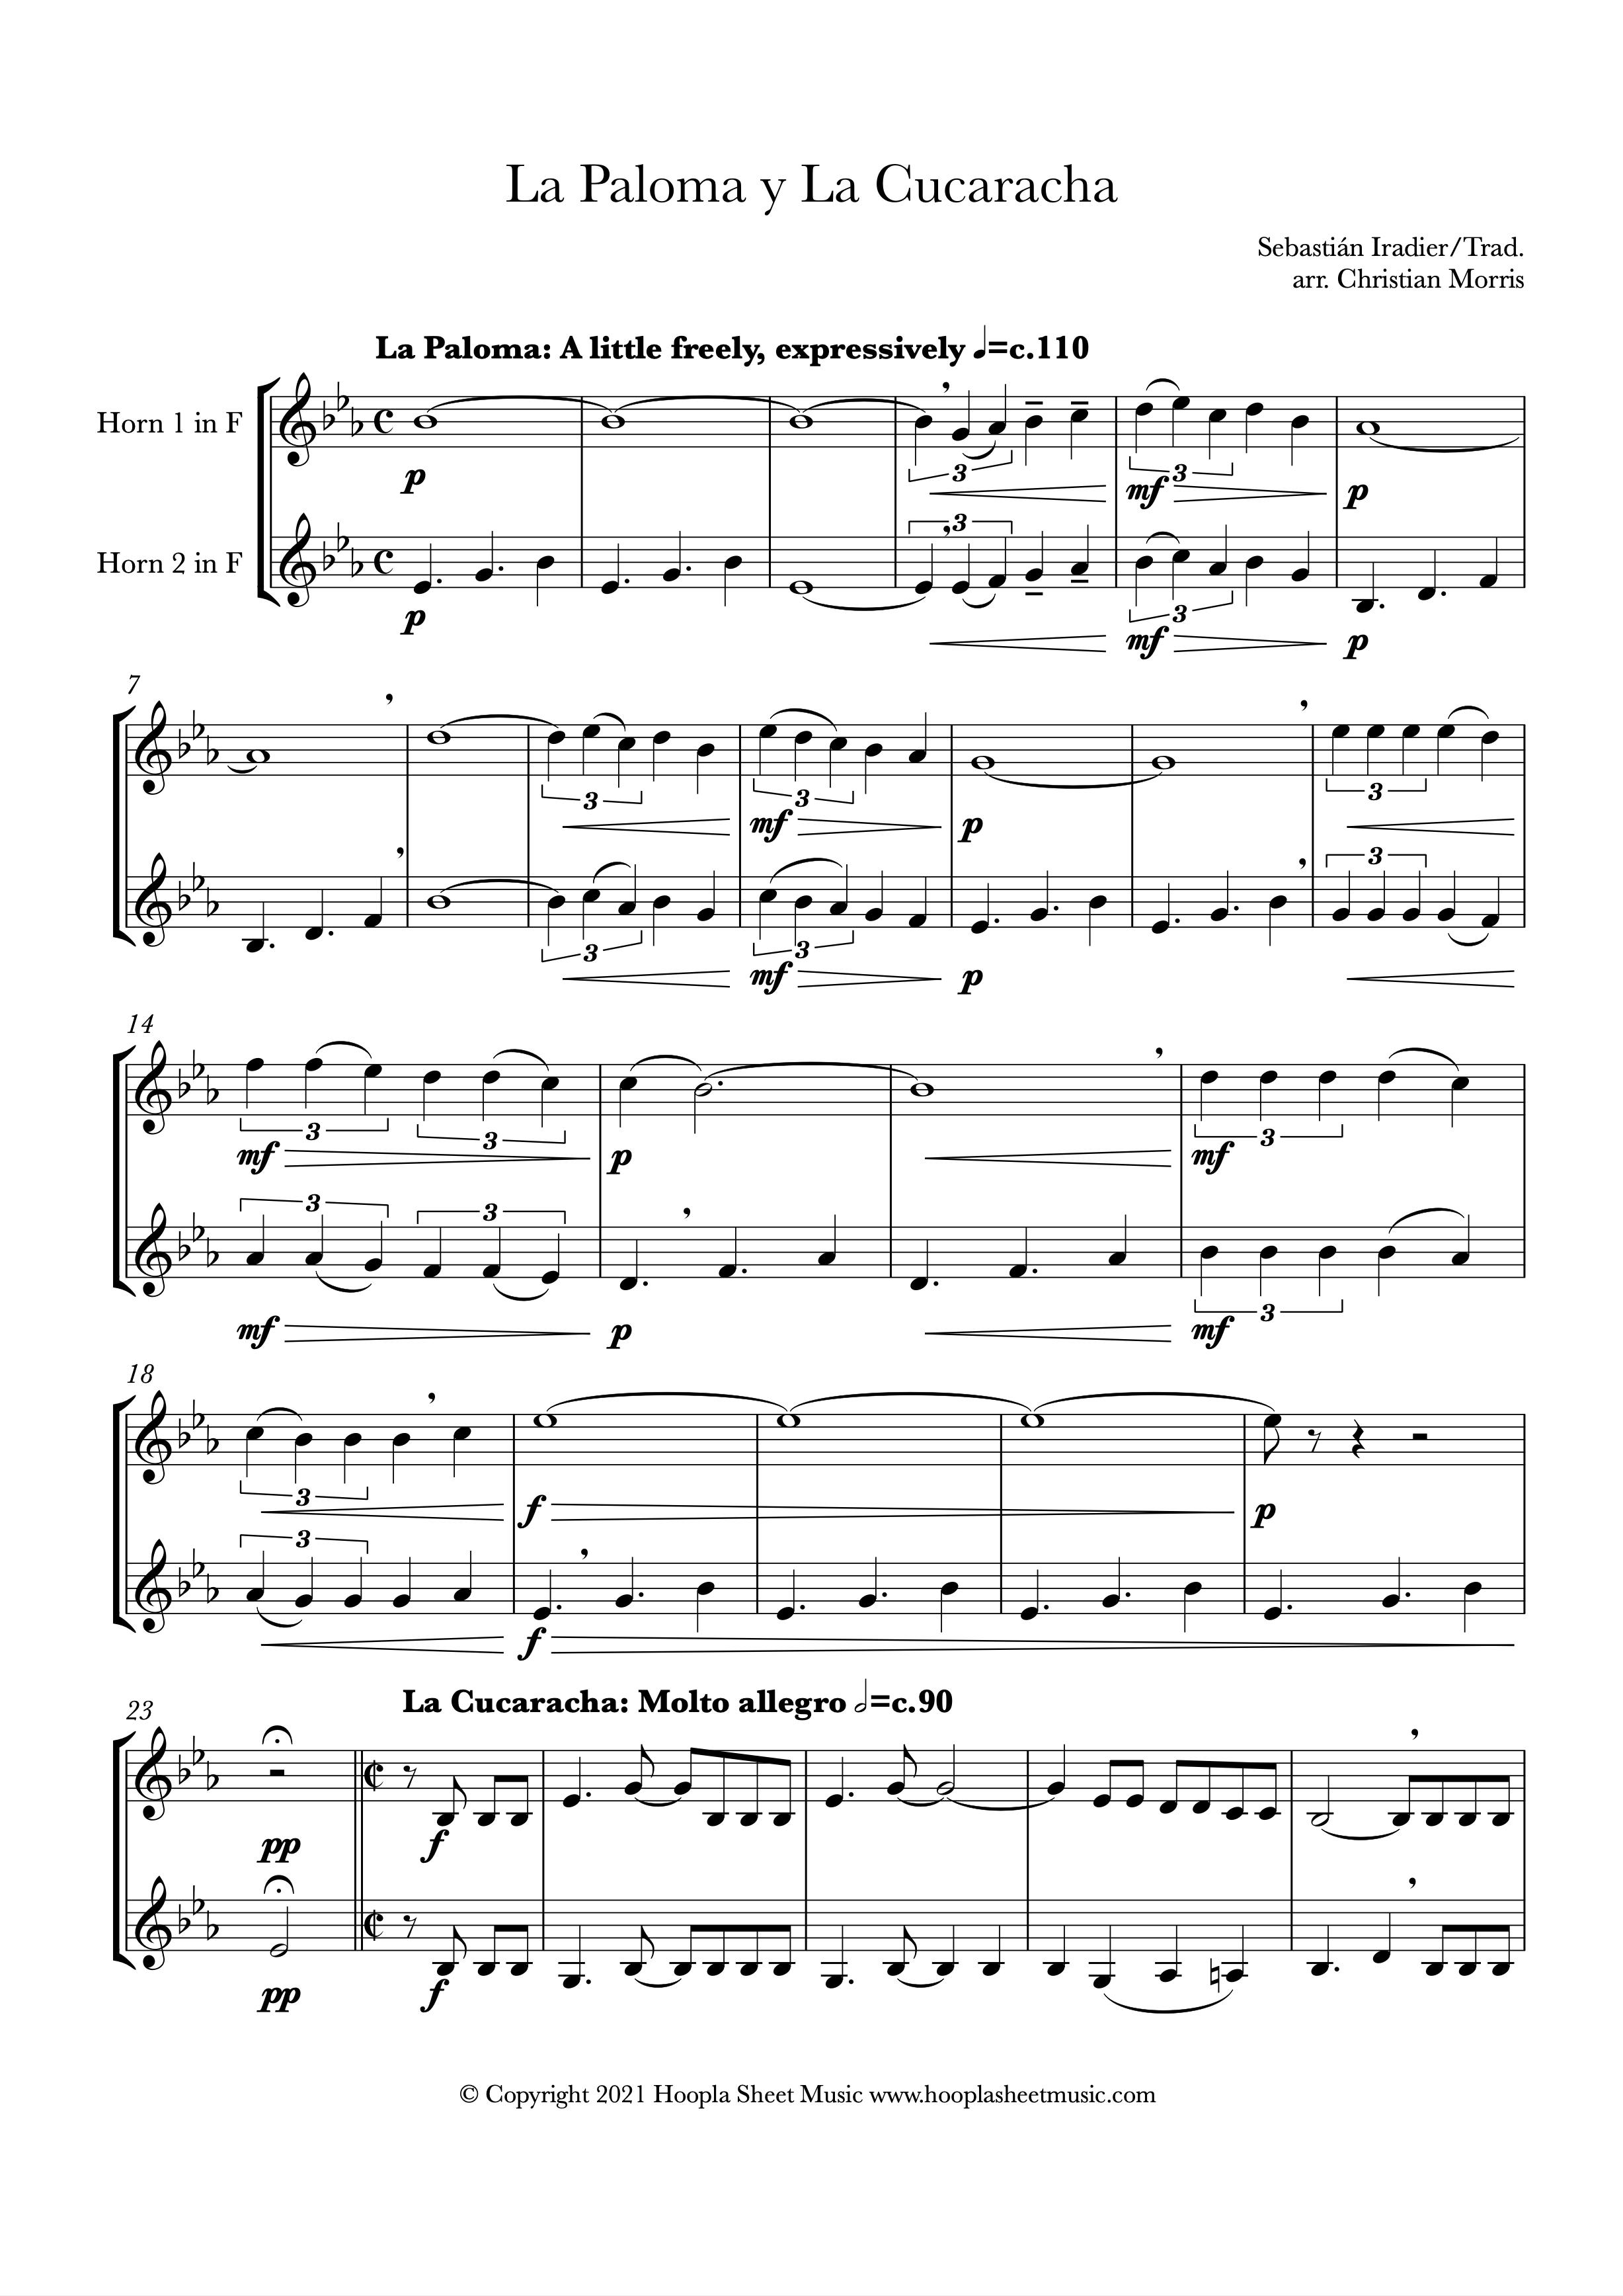 La Paloma y La Cucaracha (French Horn Duet)